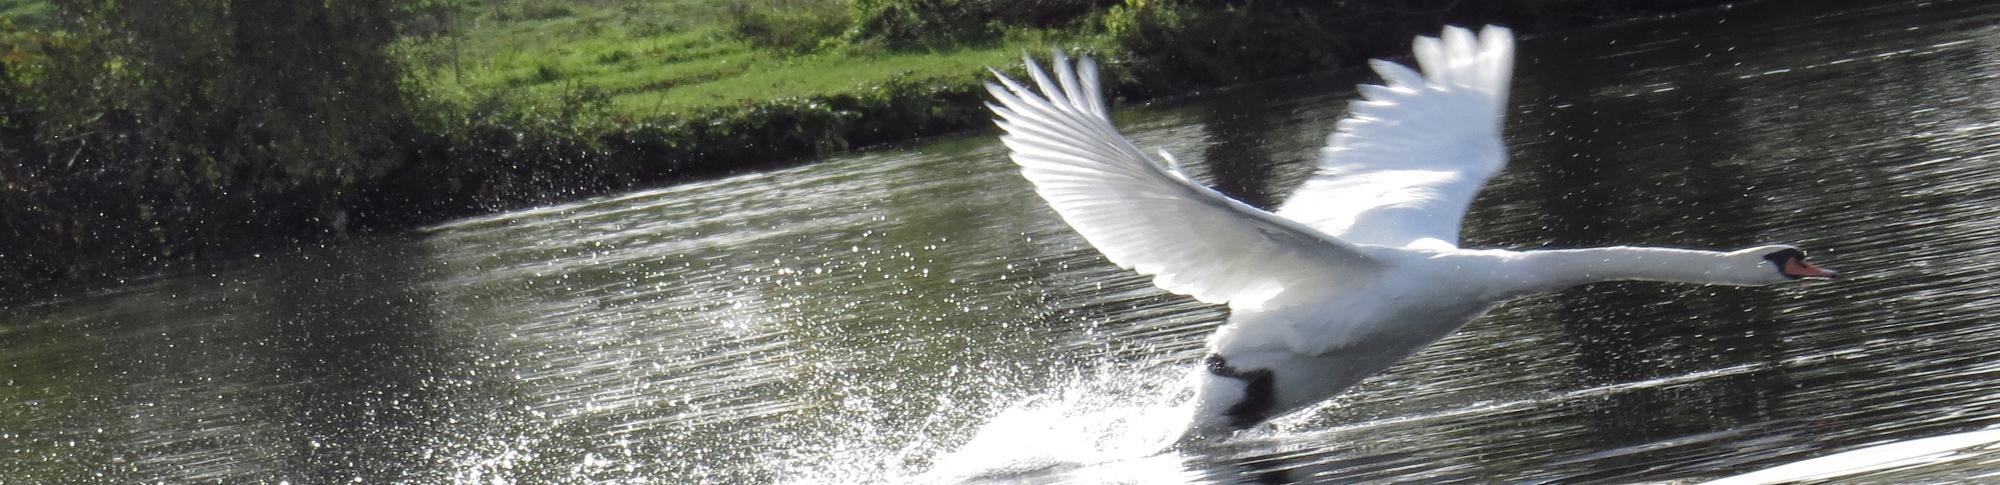 zwaan vliegt weg